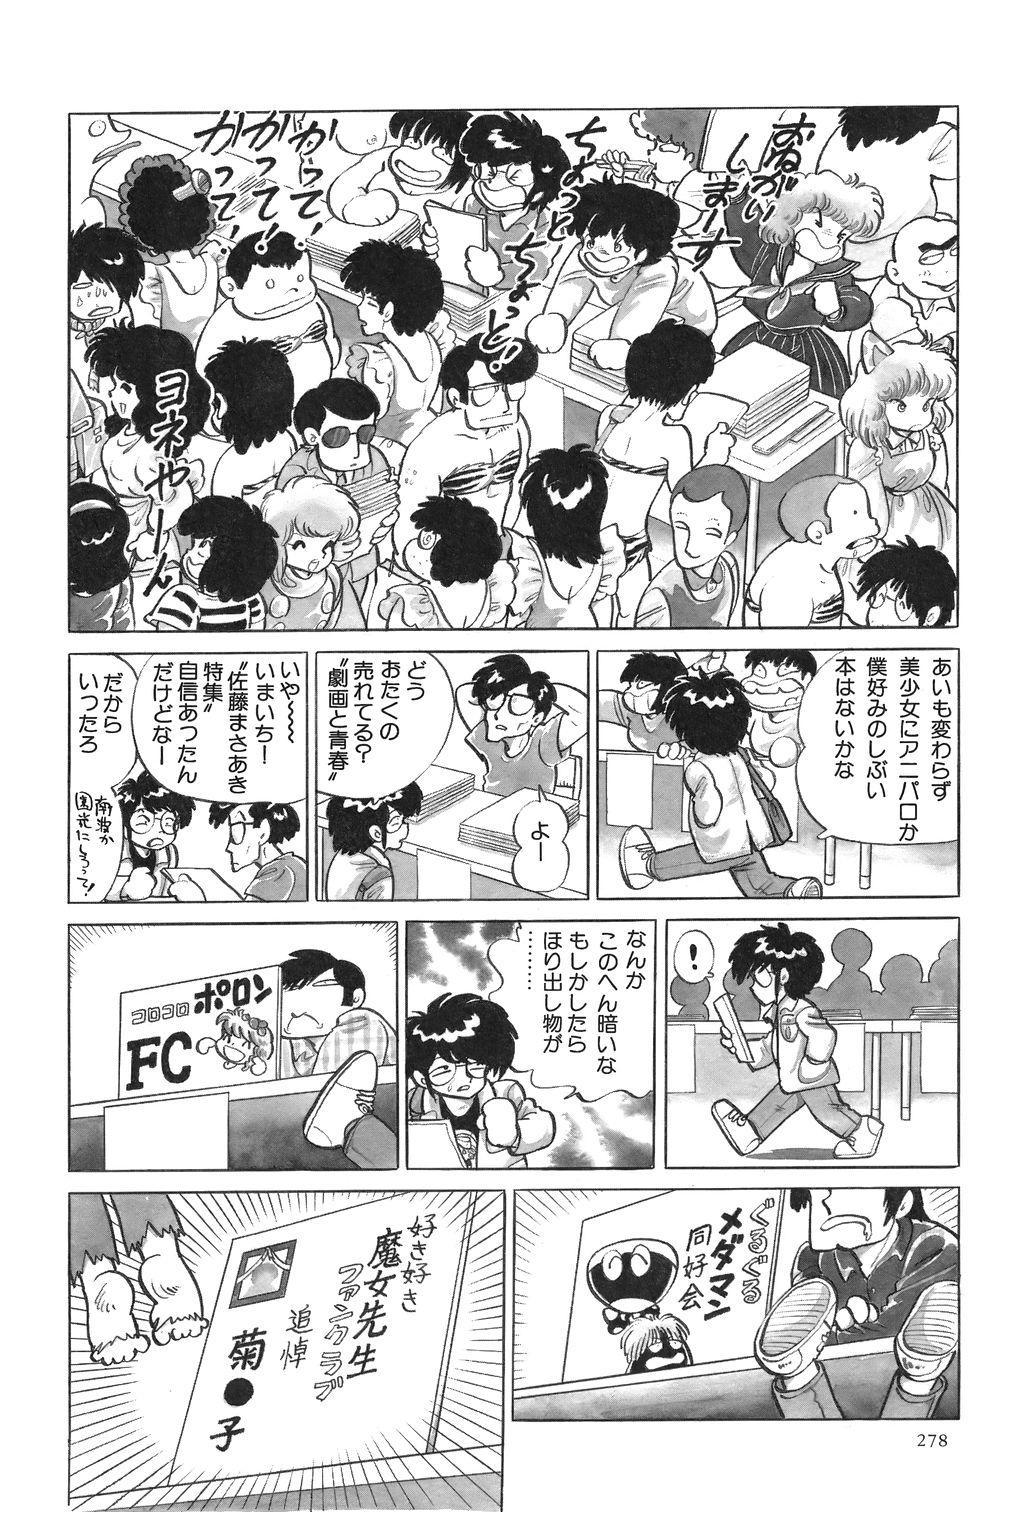 Azuma Hideo Sakuhin Shuusei - Yoru no Tobari no Naka de 279